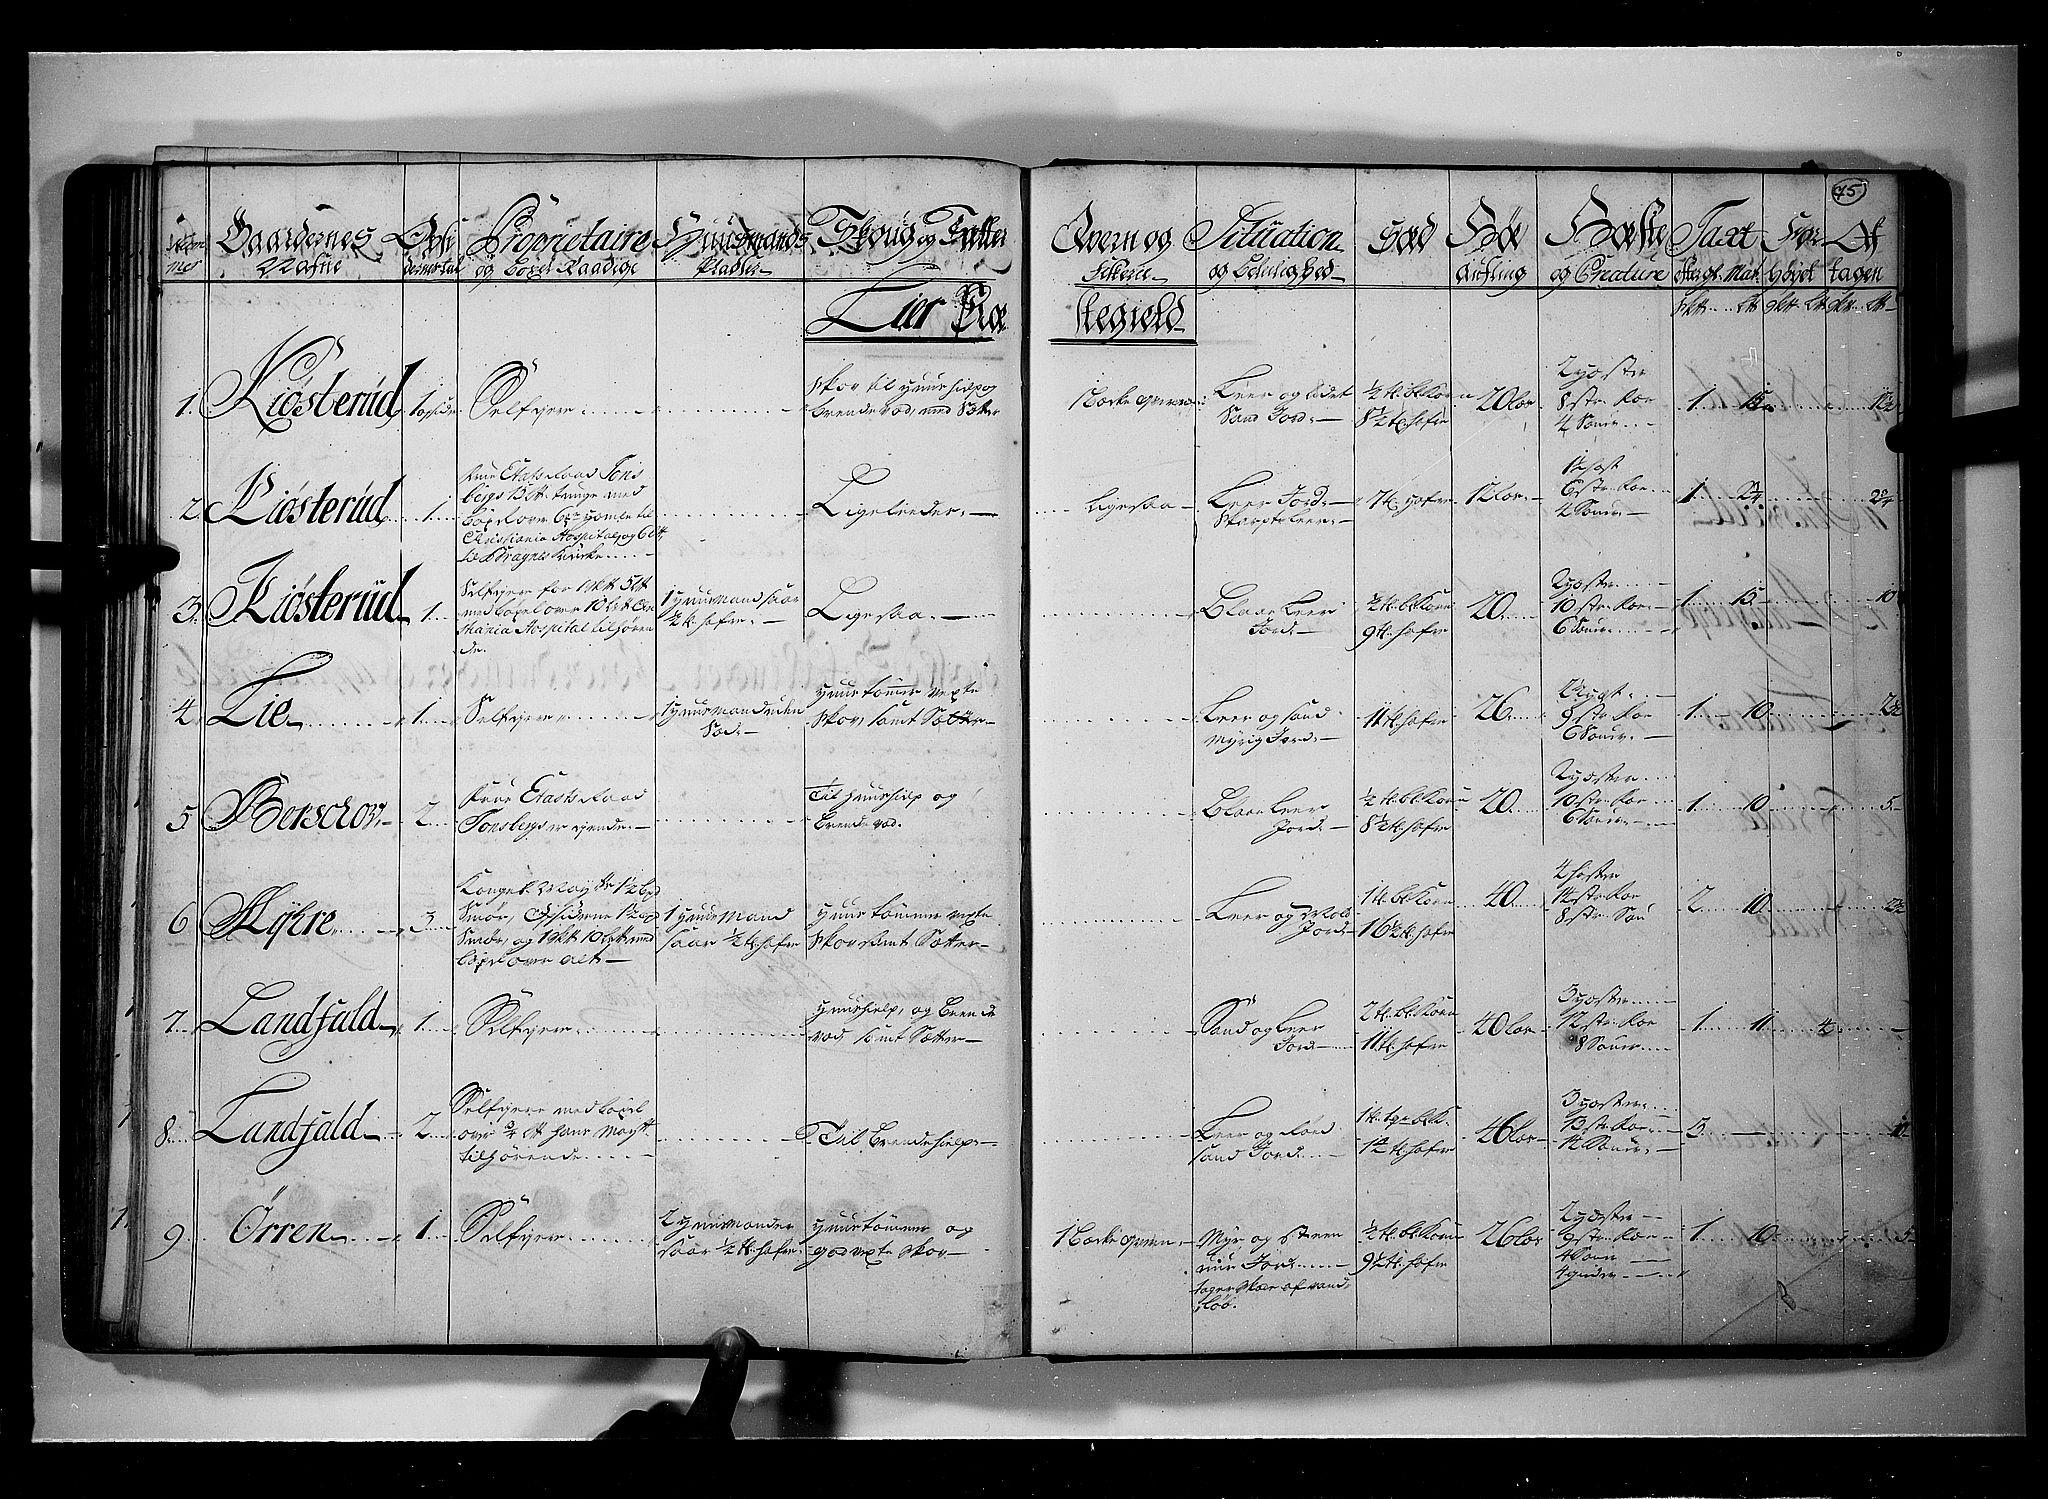 RA, Rentekammeret inntil 1814, Realistisk ordnet avdeling, N/Nb/Nbf/L0111: Buskerud eksaminasjonsprotokoll, 1723, s. 74b-75a